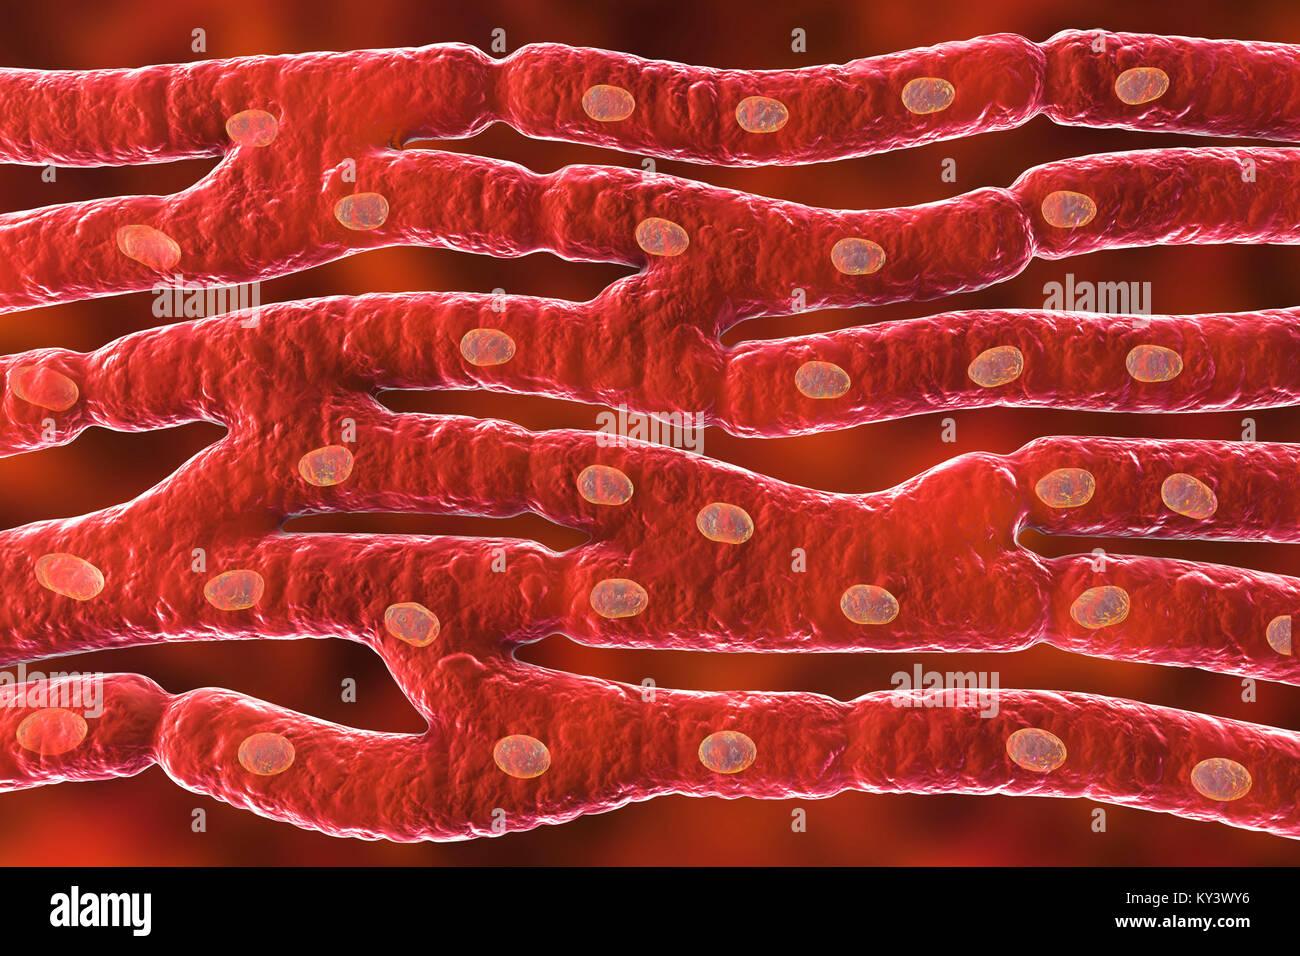 Cuore la struttura muscolare, illustrazione del computer. Il muscolo del cuore è composto da a forma di fuso Immagini Stock